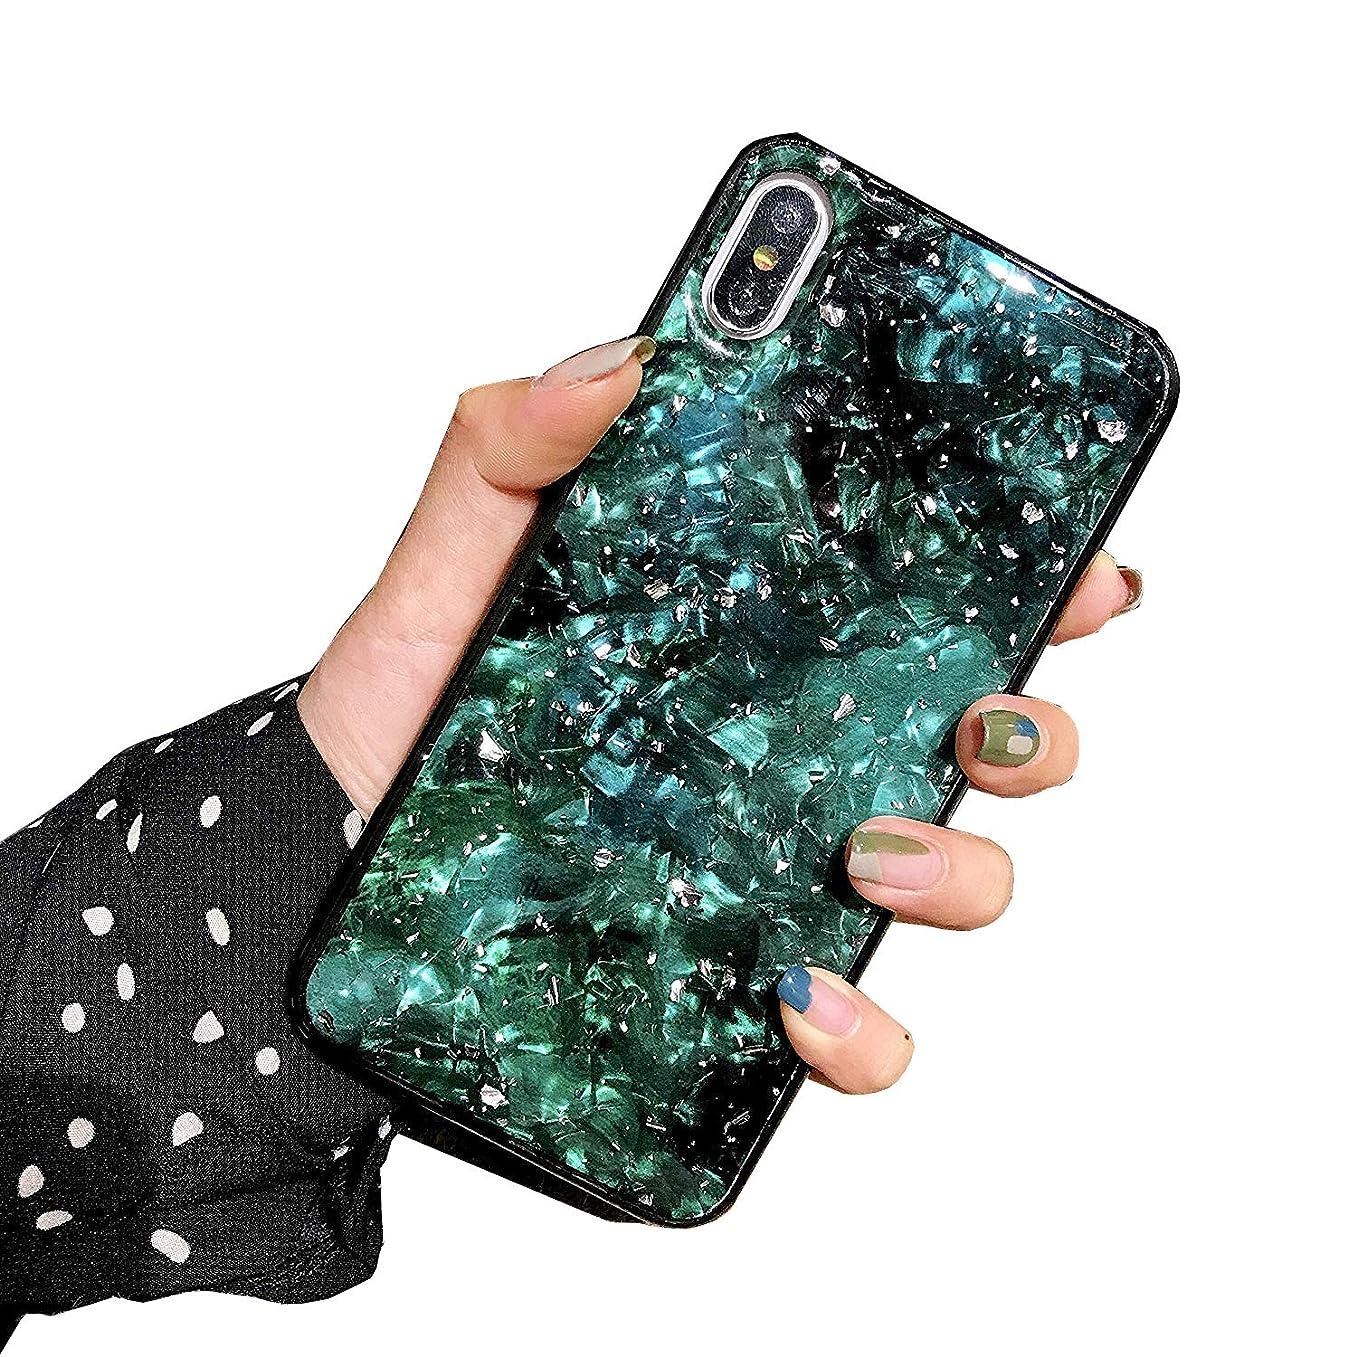 代理人バケツ治療SevenPanda貝殻 デイジー設計 場合 iPhone 7の場合iPhone 7の場合 ウルトラ 薄いです強化ガラス ハード バック ピカピカゴールド ホイル手作り レースカバー iPhone 8 / iPhone 7用女の子と女性用 - 銀箔金箔グリーン